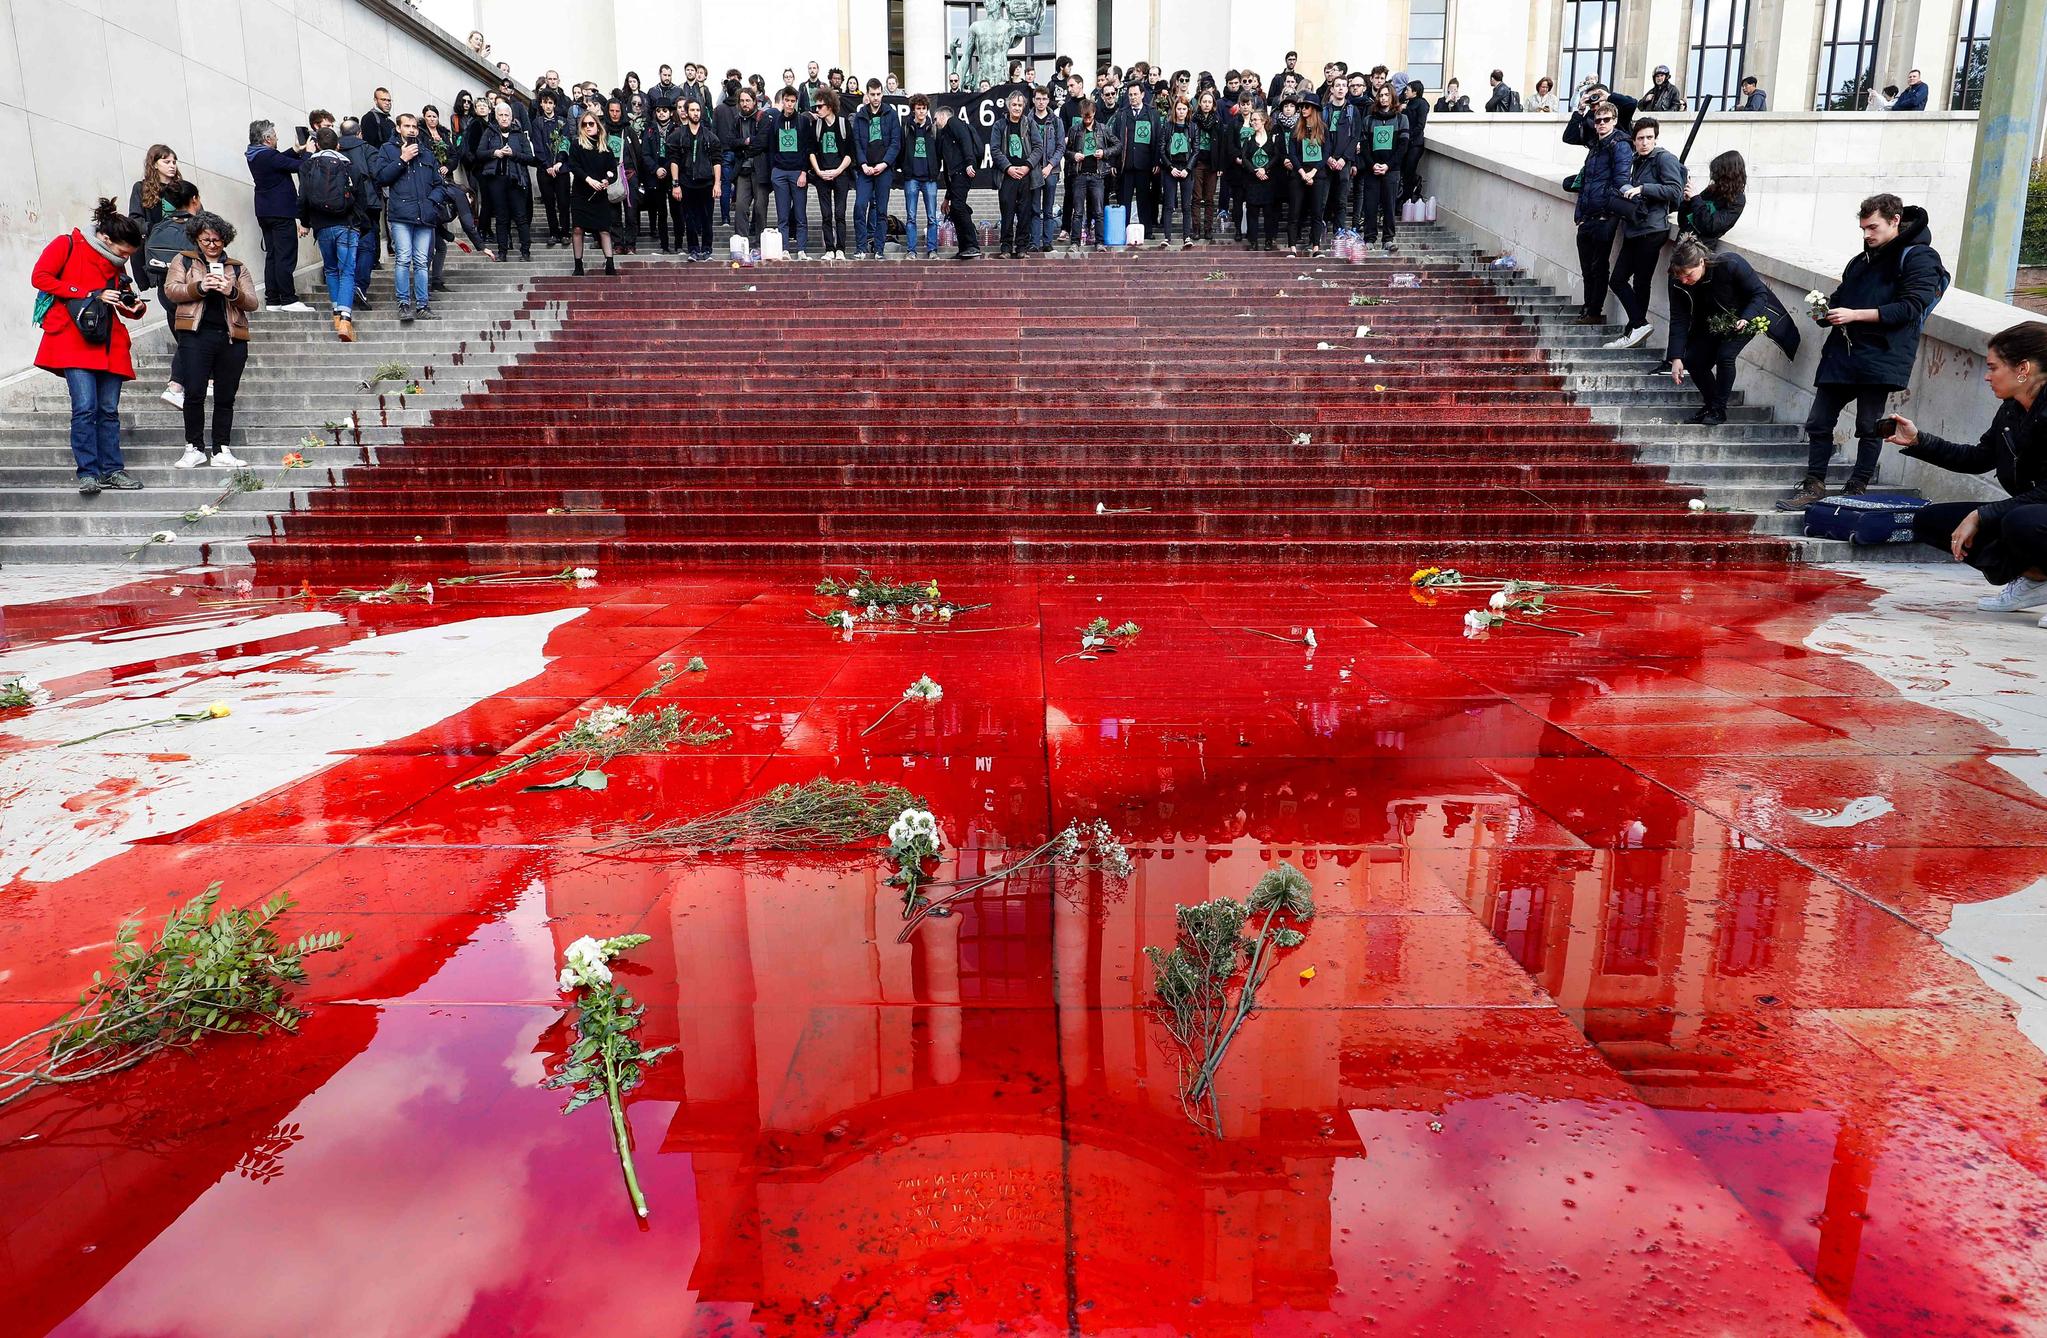 가짜 피가 뿌려진 바닥에 꽃이 놓여져 있다. [AFP=연합뉴스]